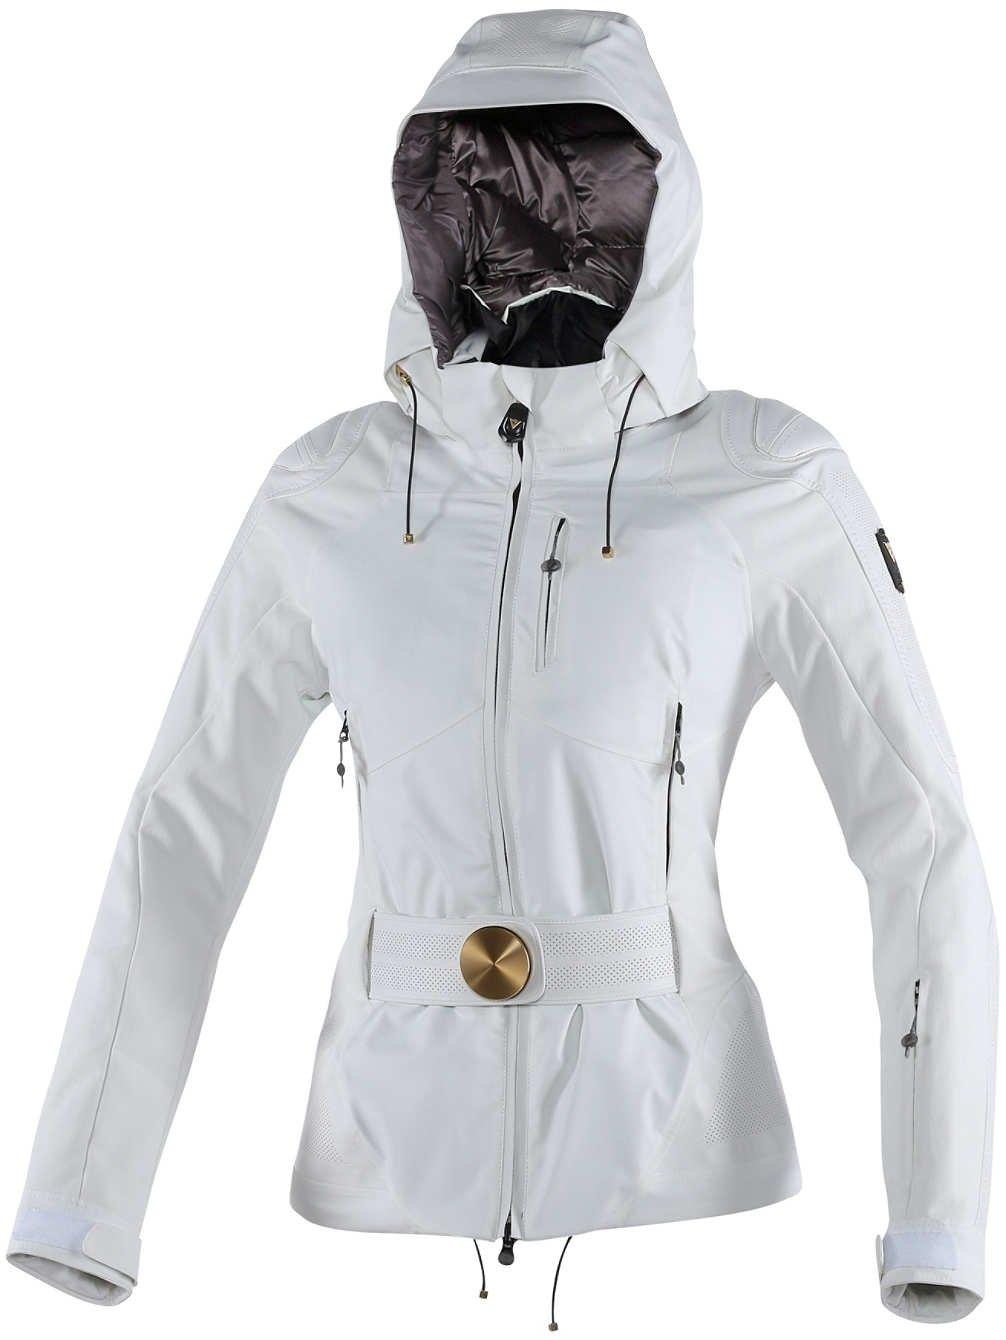 Damen Snowboard Jacke Dainese Dafni Gore-Tex Jacket bestellen